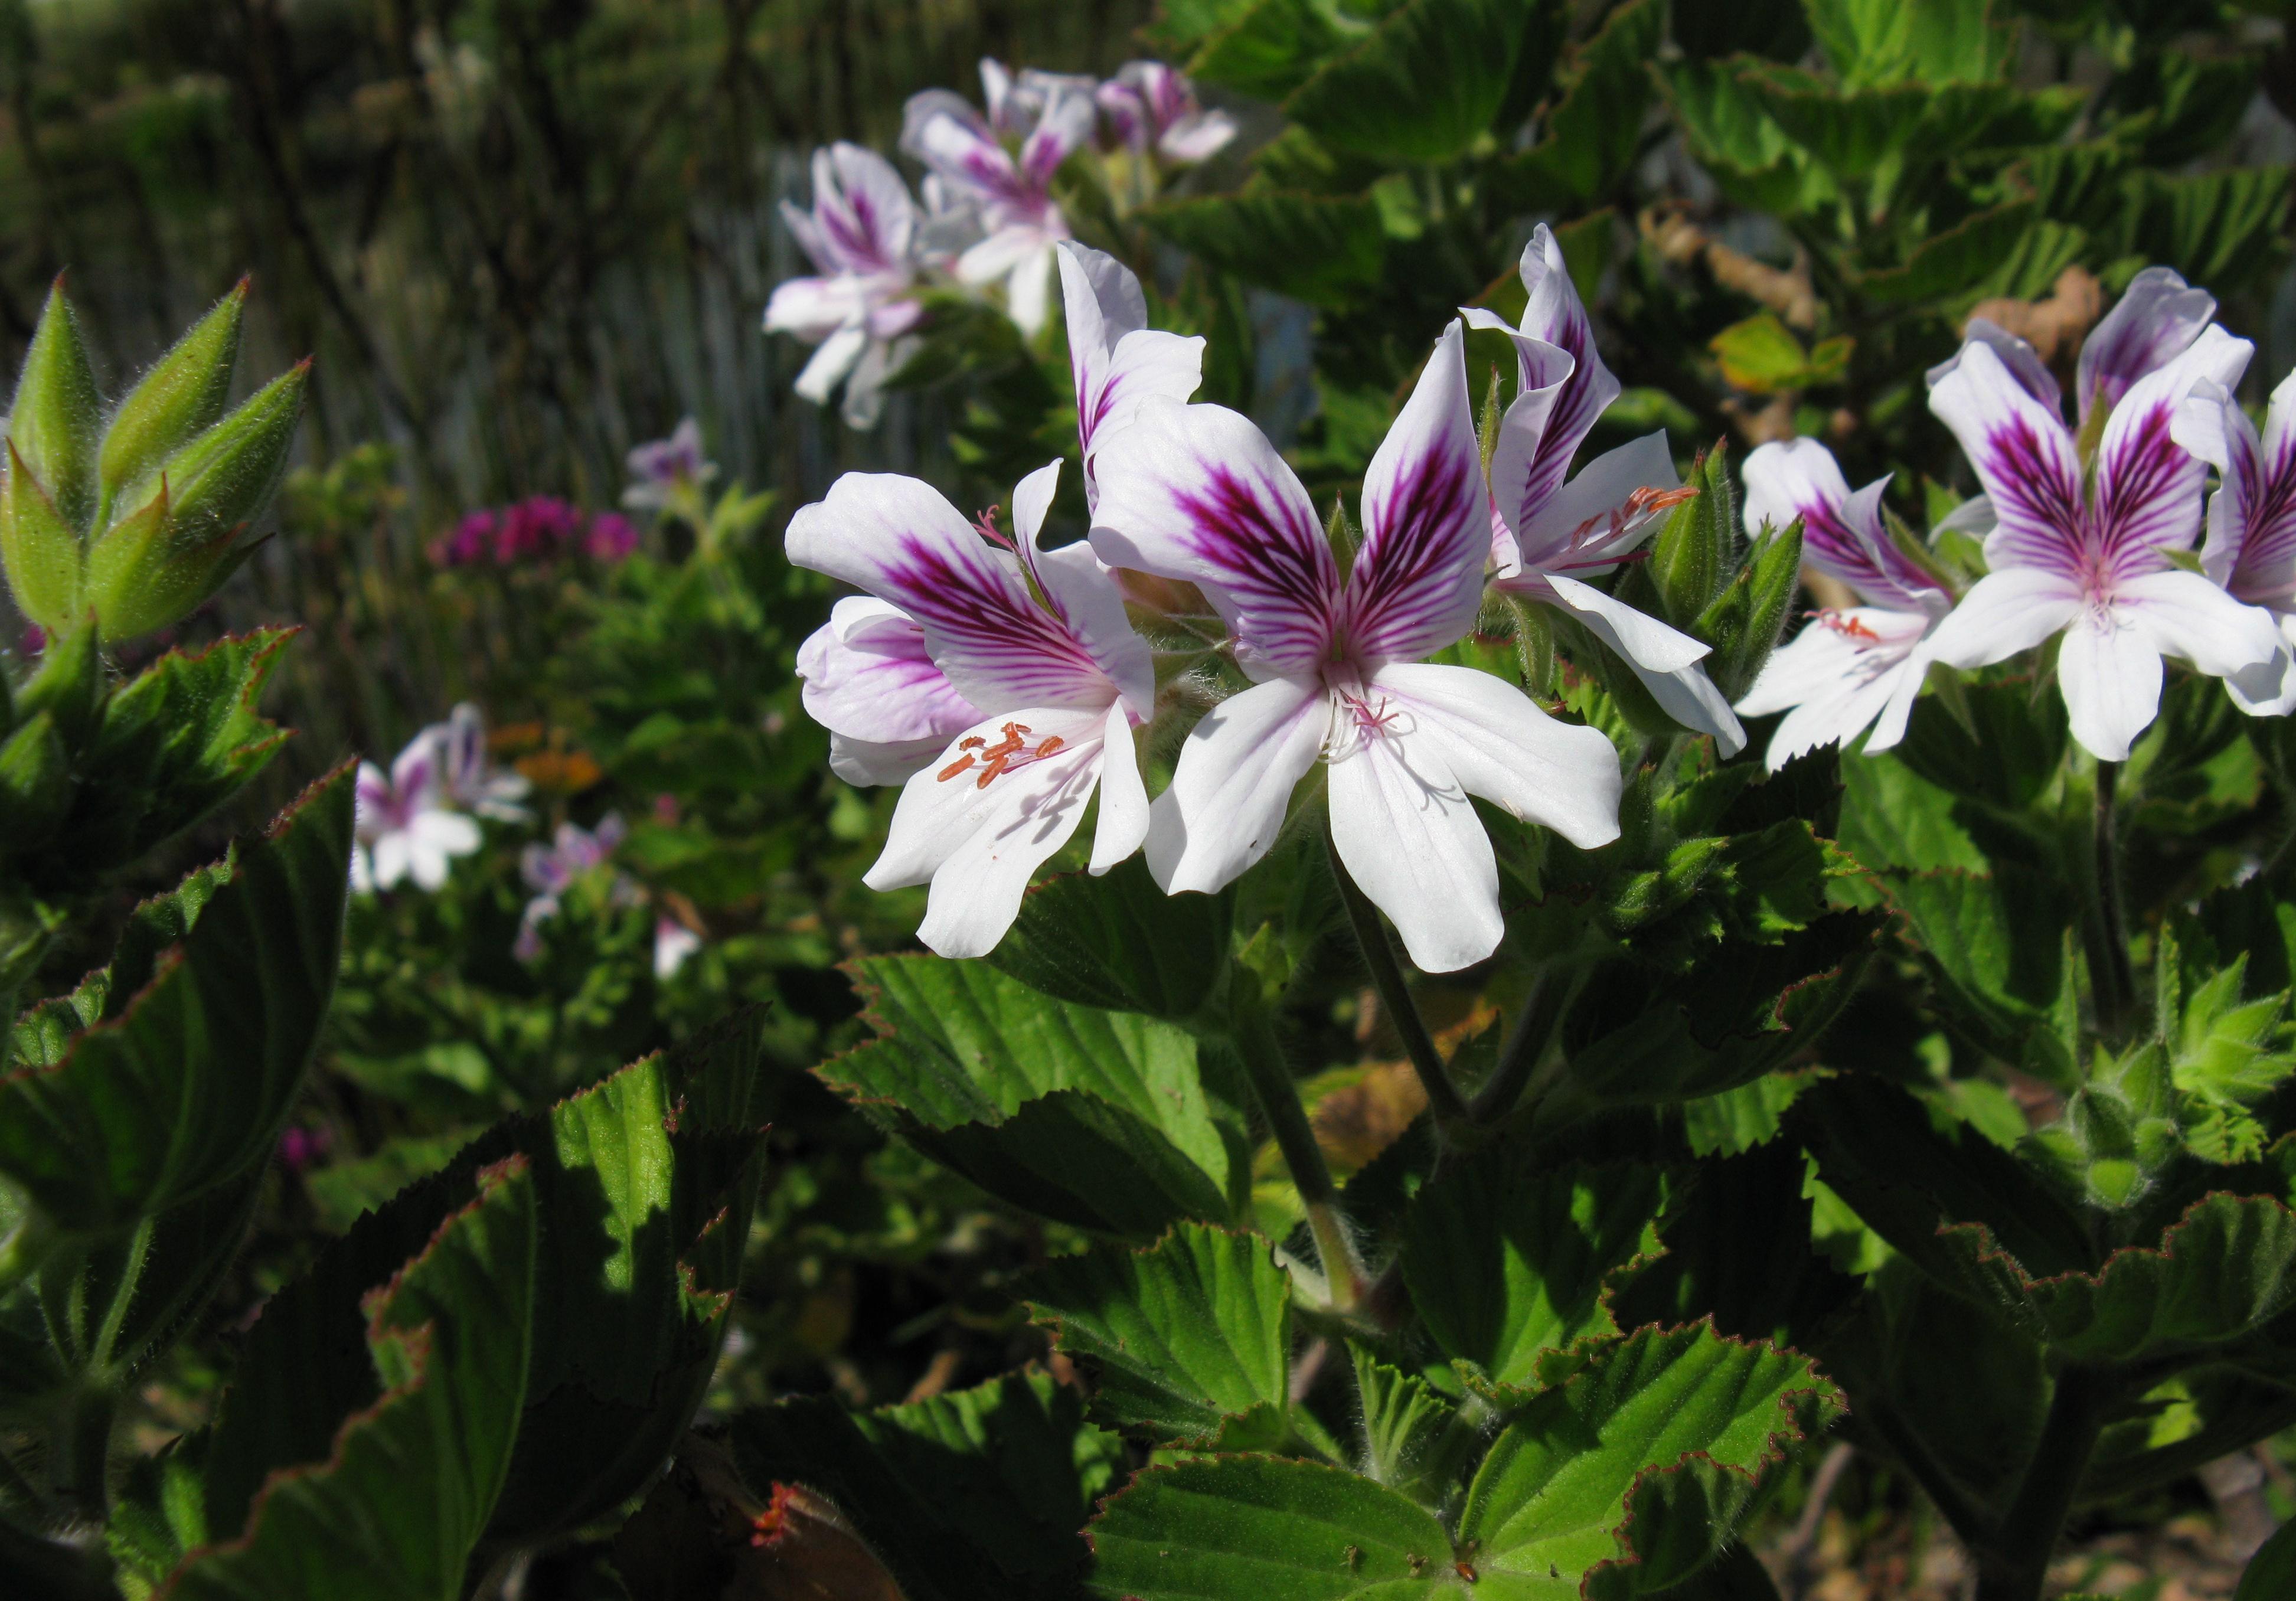 File:Geraniaceae Pelargonium cucullatum White.